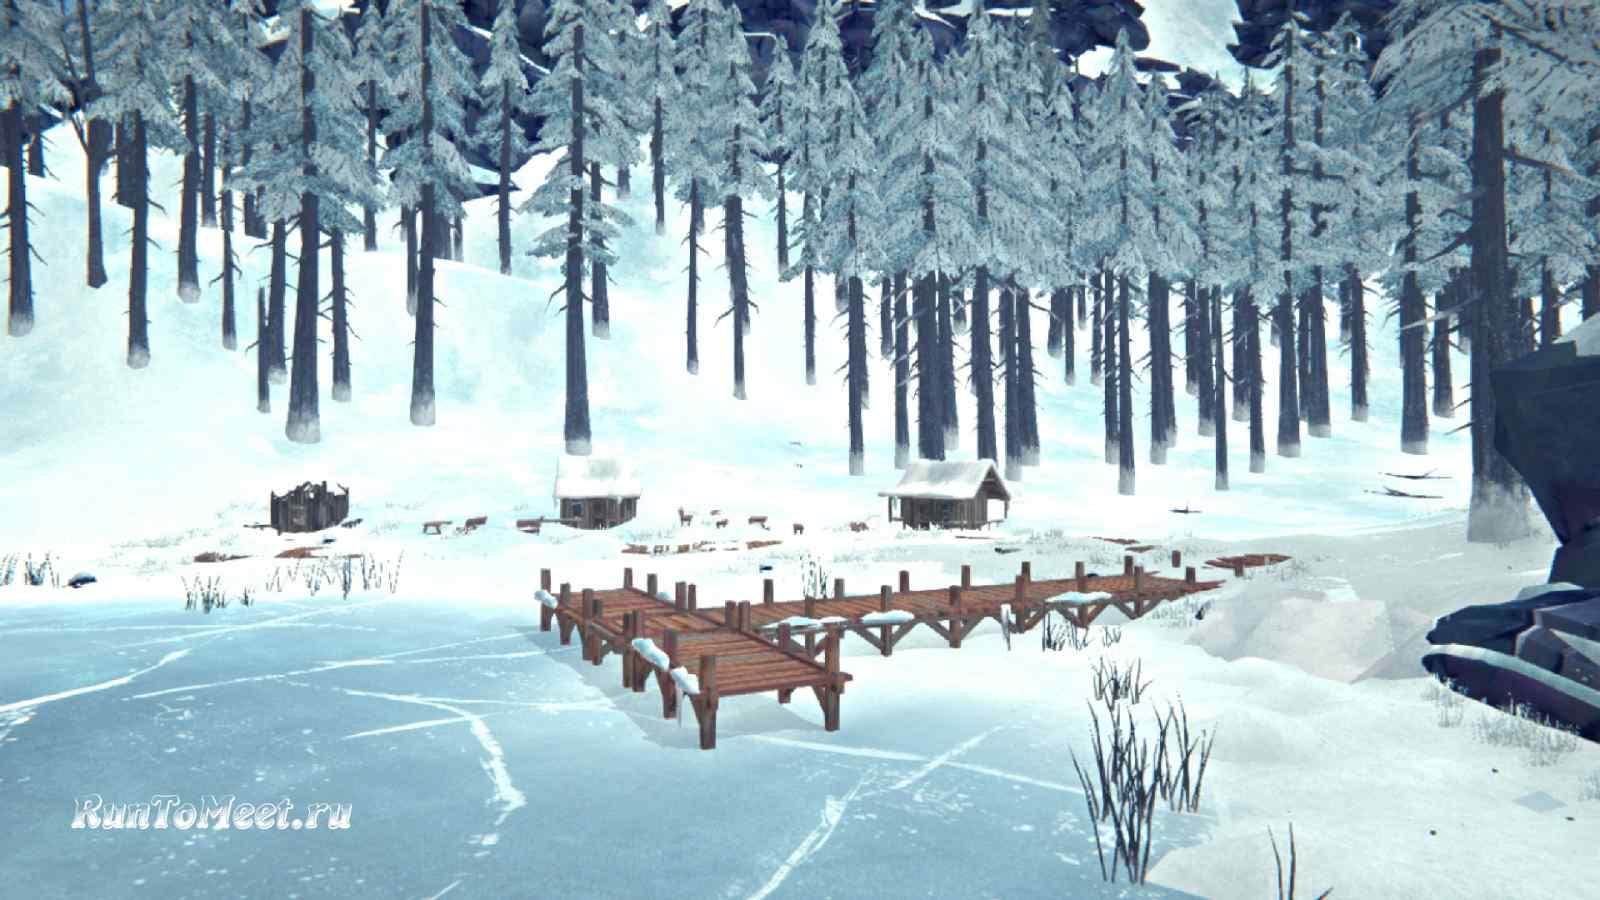 Дальние домики, на берегу Загадочного озера, в игре The long dark